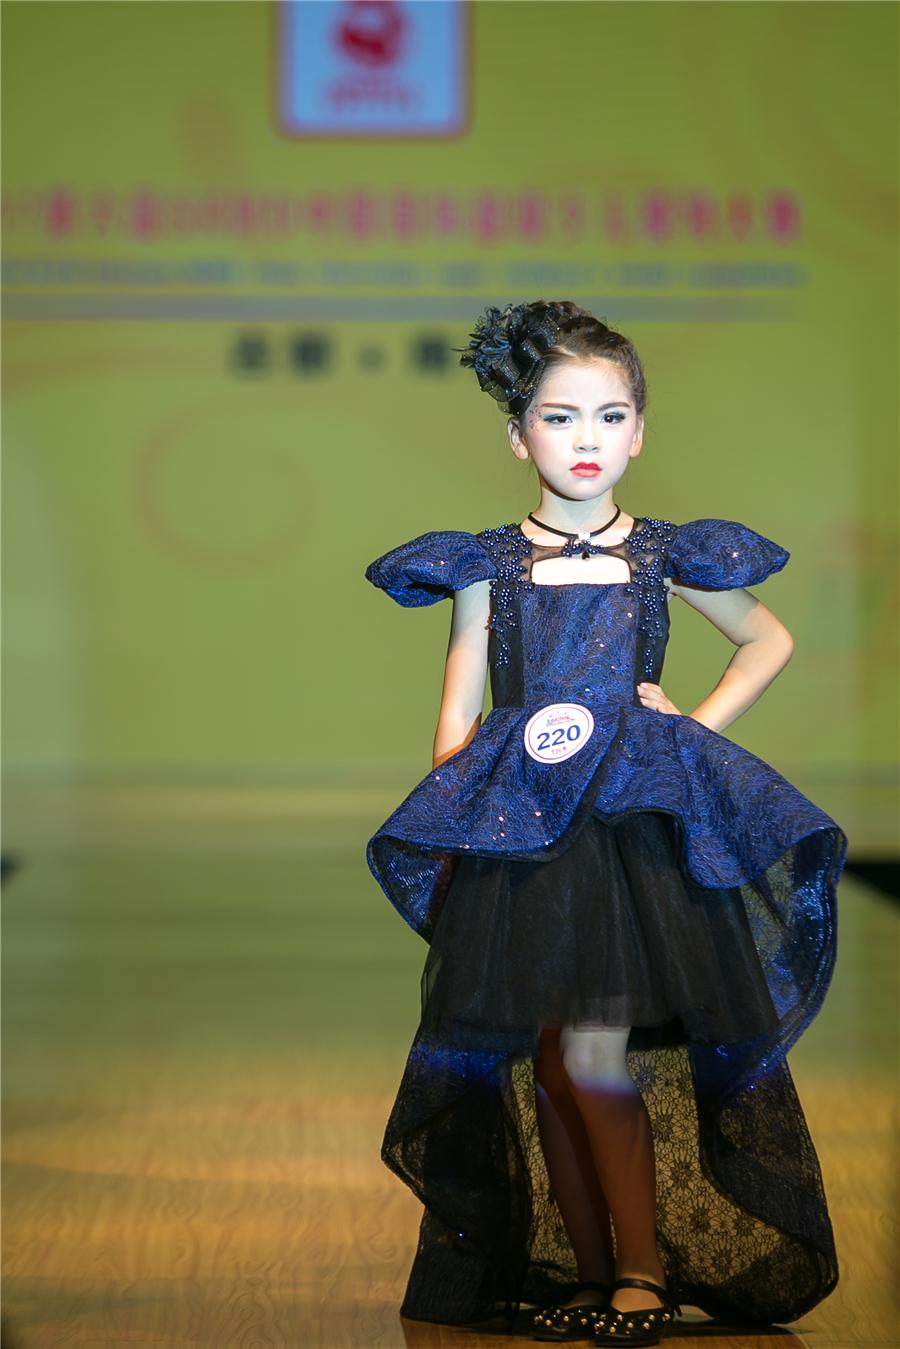 程慧妍—2017第六屆SKMD中國國際超級少兒模特大賽——幼兒組季軍